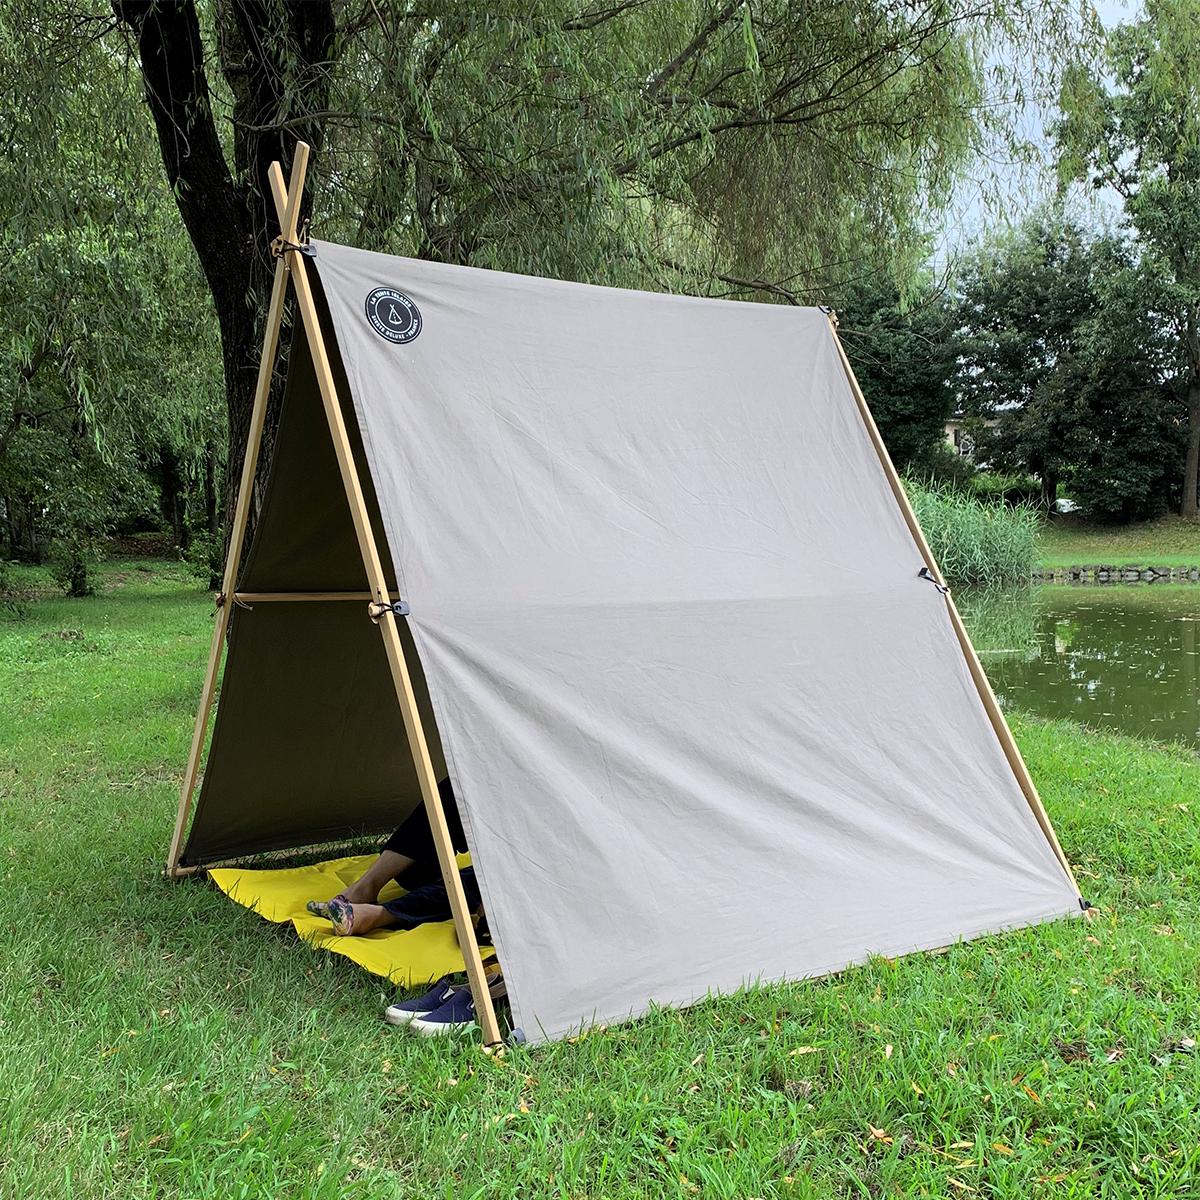 近所の公園に広げた『LA TENTE ISLAISE』の中でのんびり過ごしてみたら、驚くほど気持ちがリフレッシュできた「帆布テント」|LA TENTE ISLAISE(ラ・タント・イレーズ)